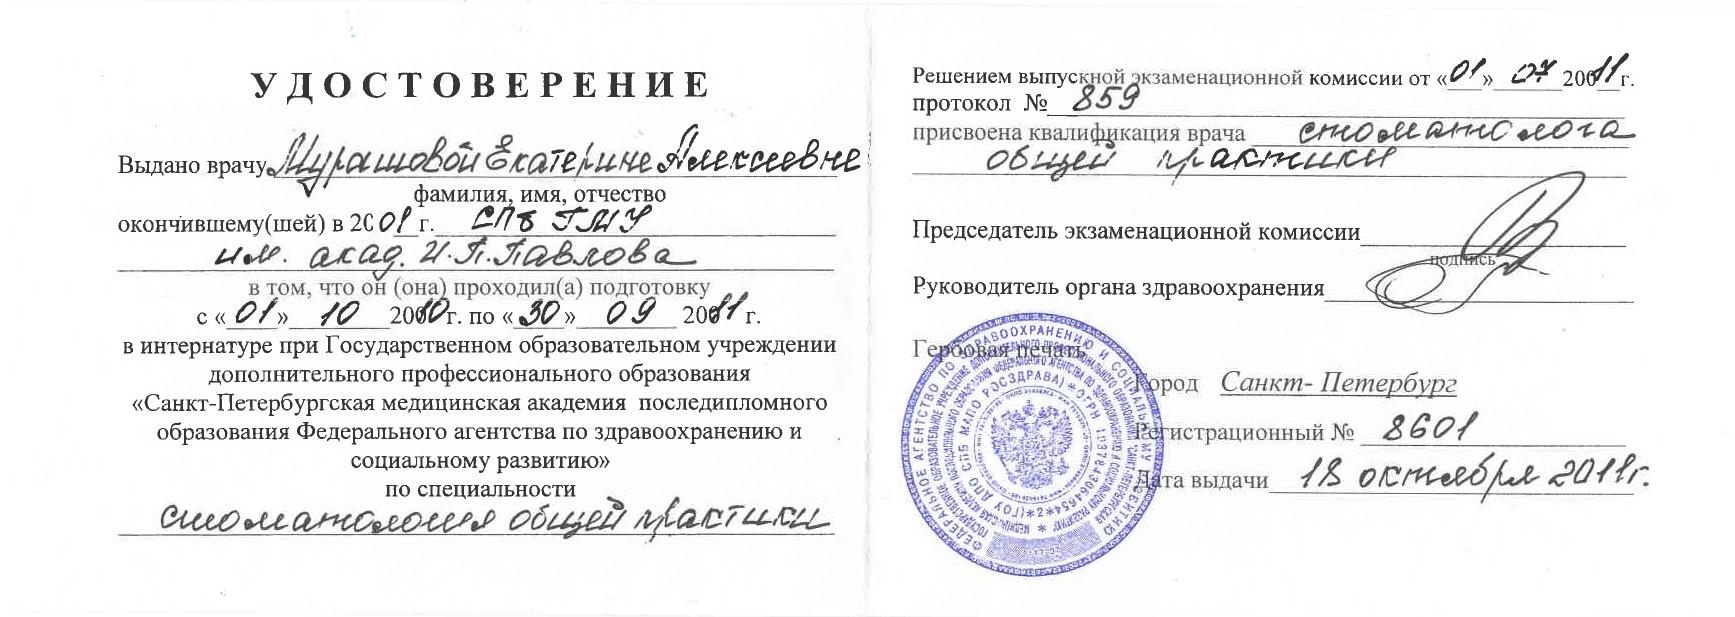 sertifikat-1-2